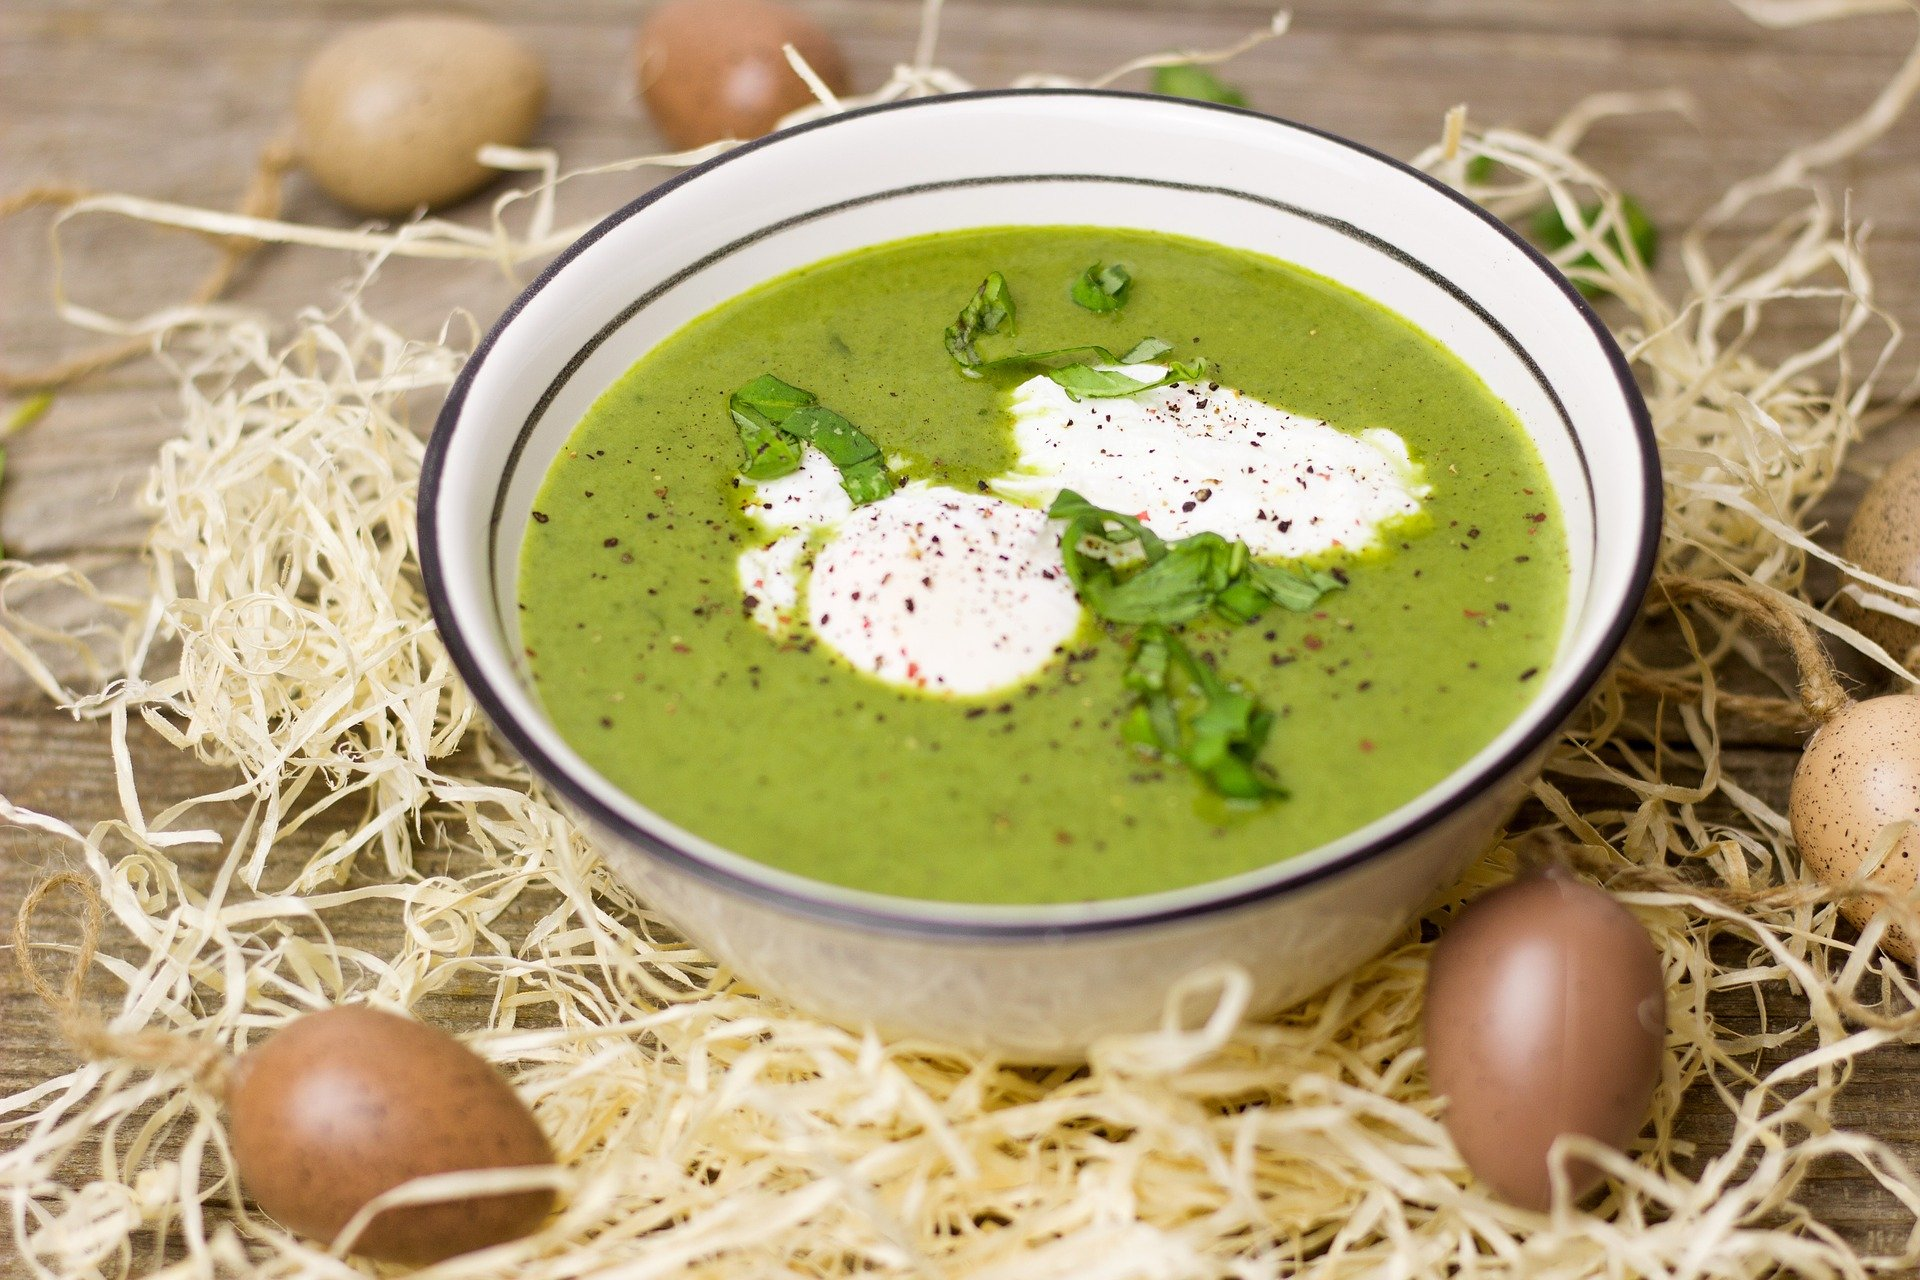 Zucchini, Mint, & Pistachio Soup